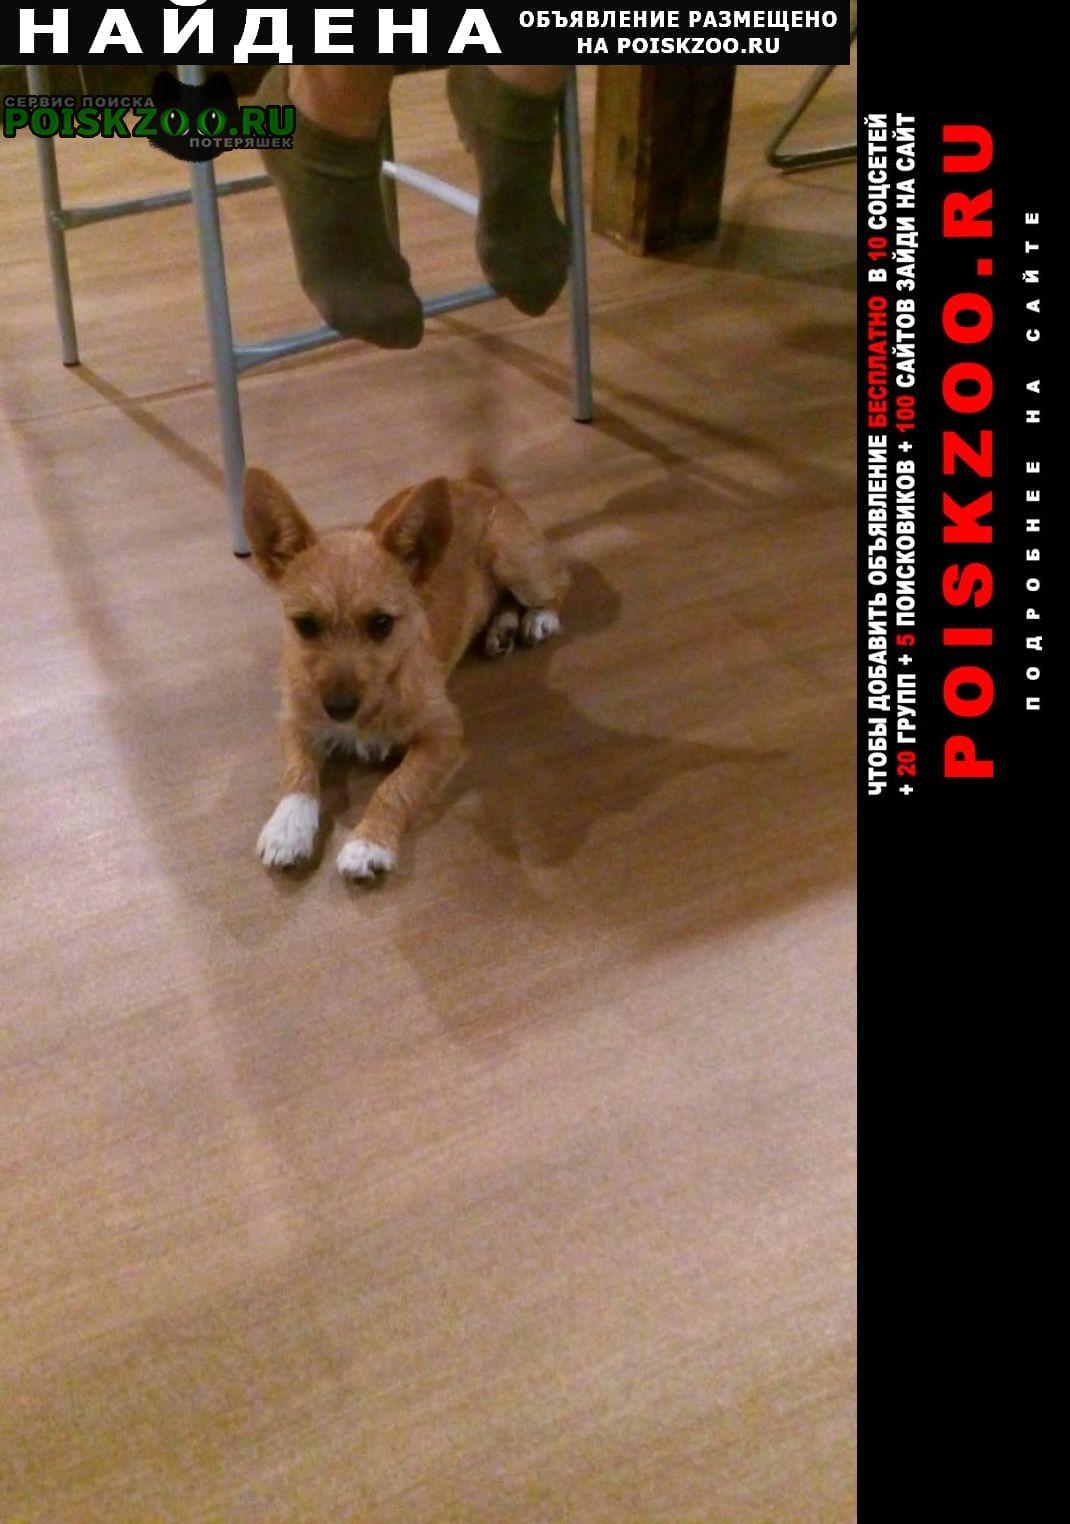 Найдена собака Верхняя Сысерть